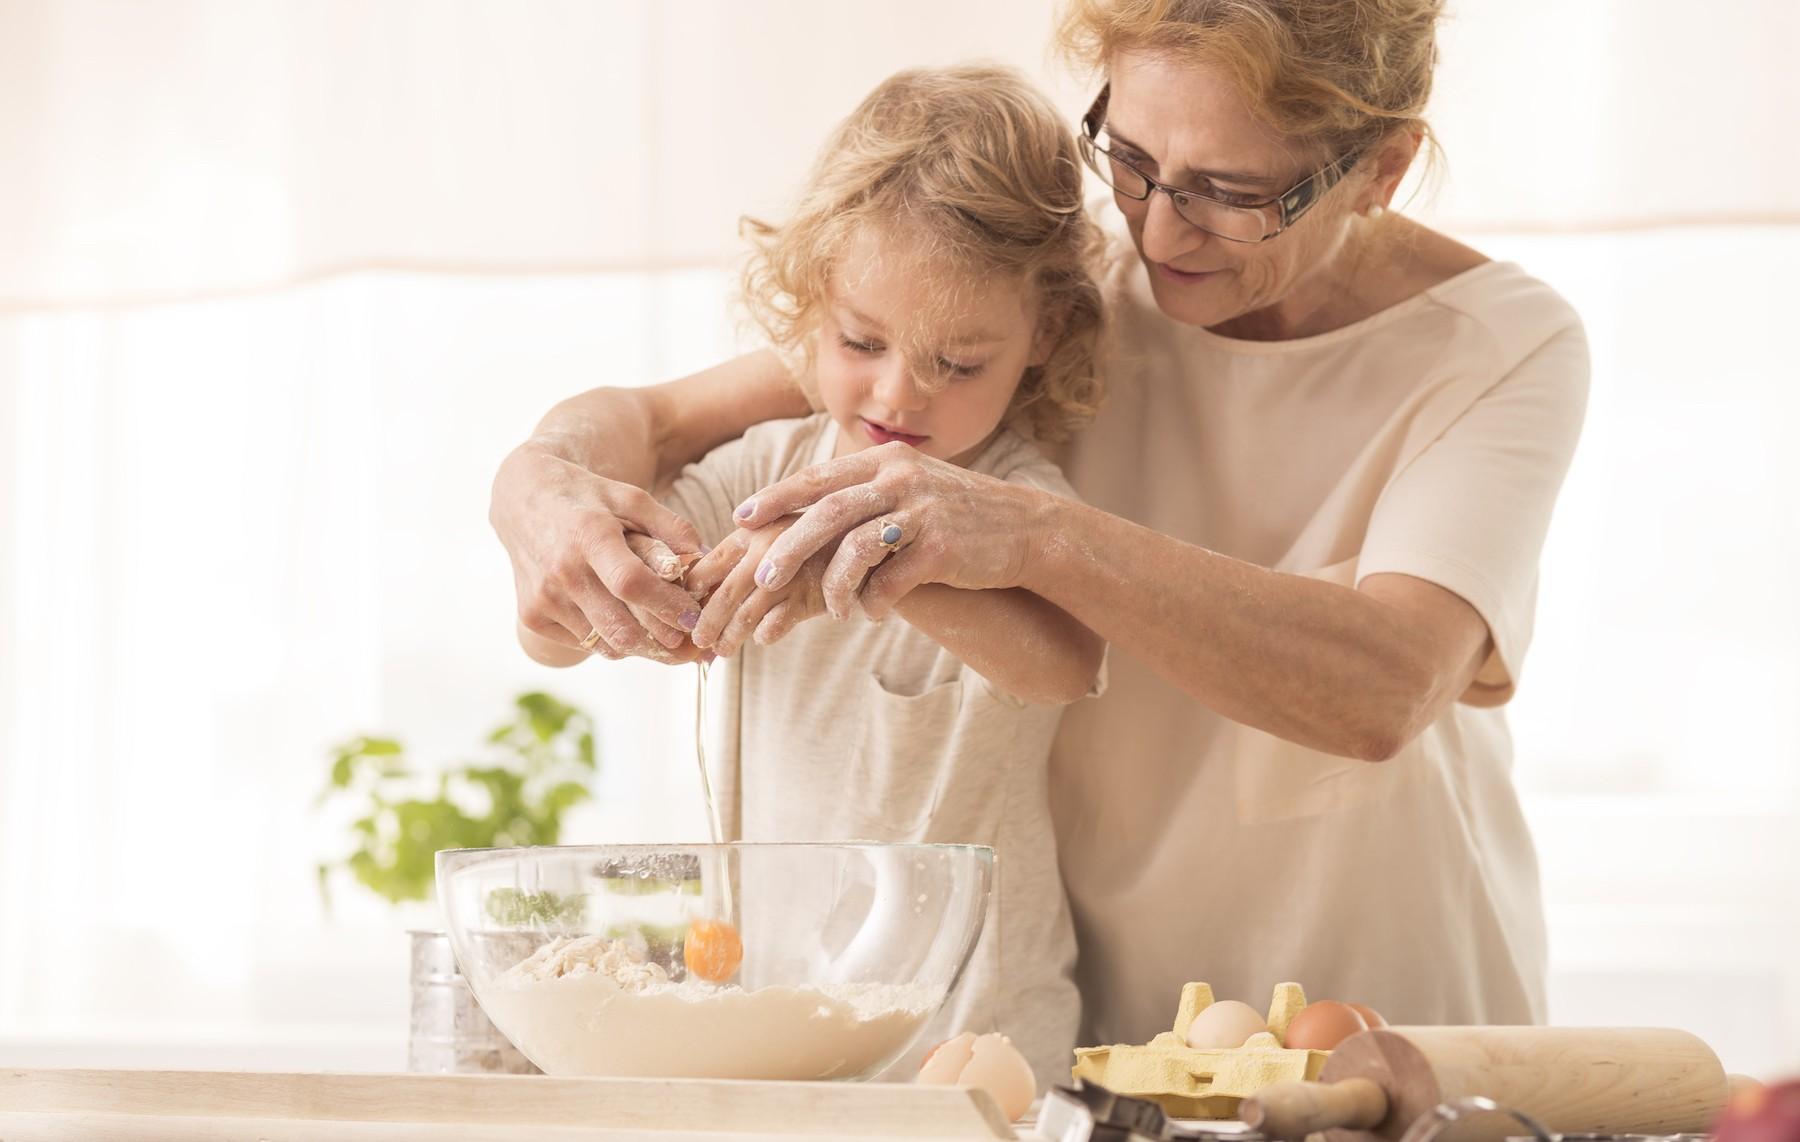 Dal Ministero della Salute la ricetta anti-salmonellosi